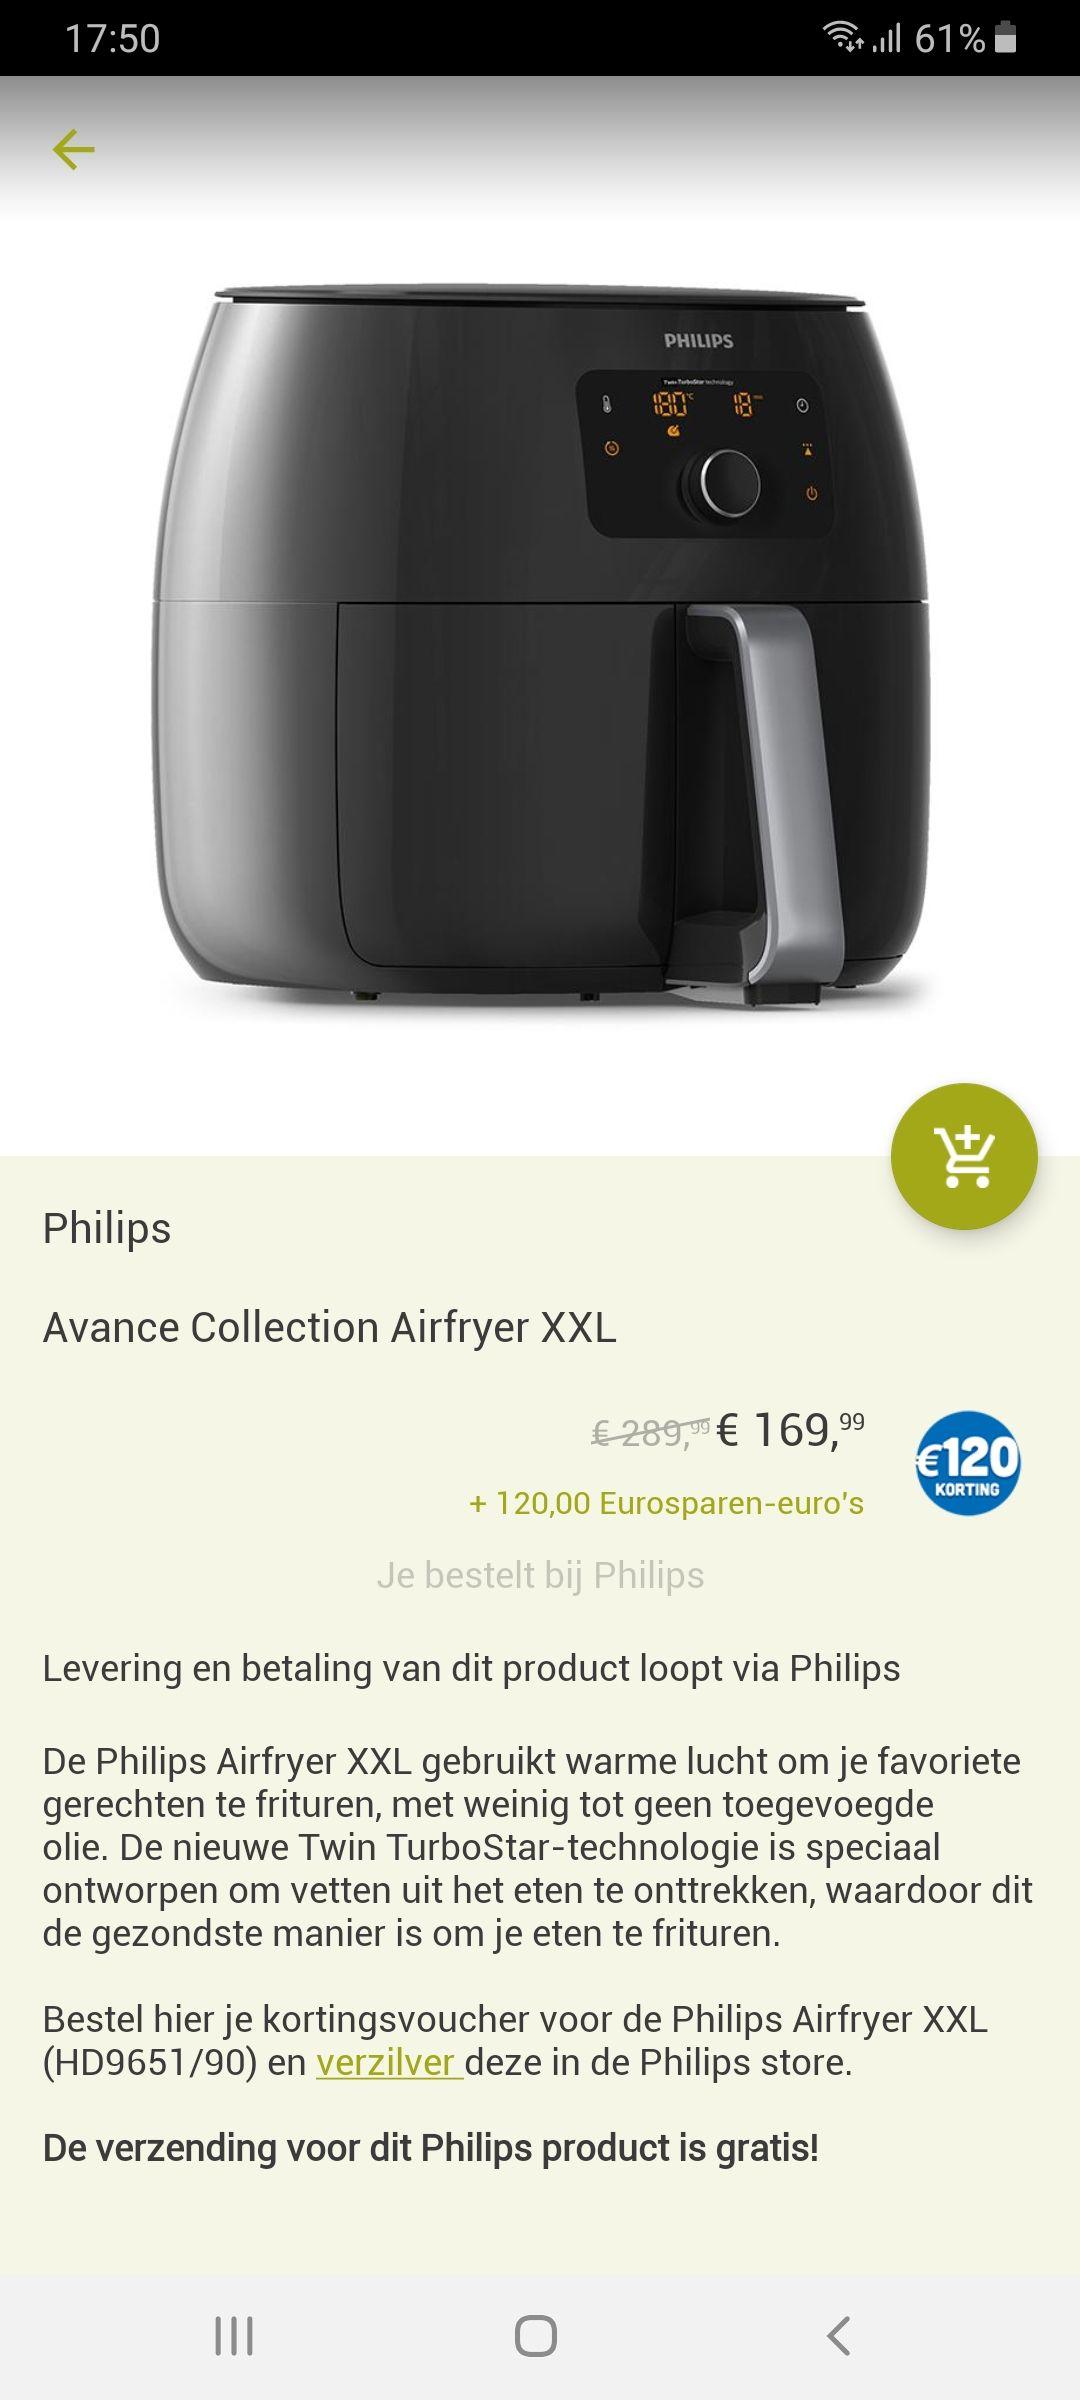 Philips airfryer XXL HD9651/90 bij eurosparen.